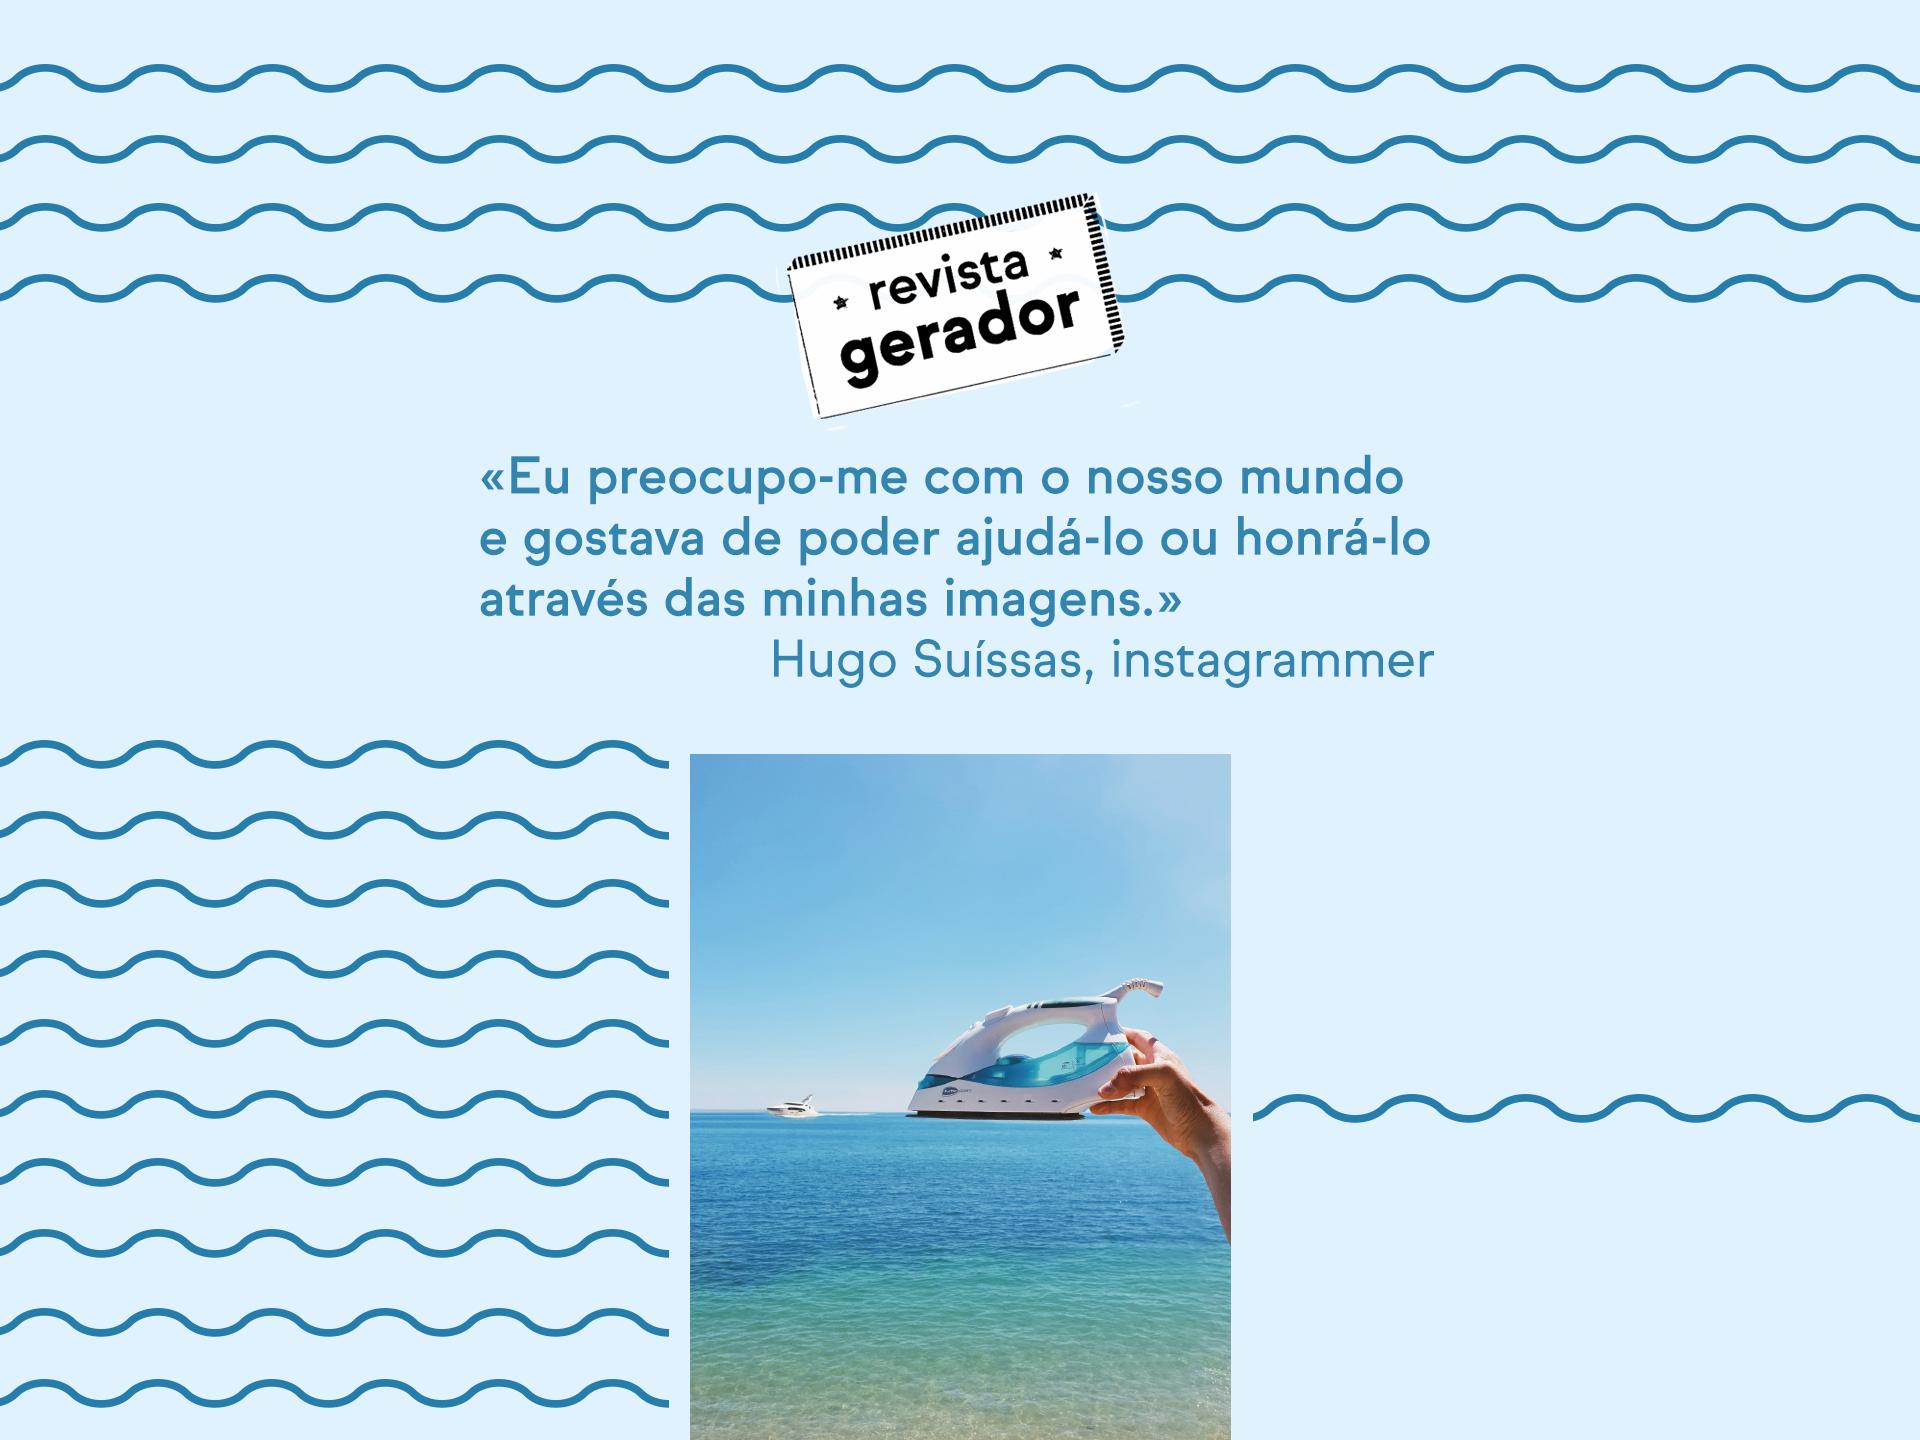 gerador-revista-instagrammer-em-destaque-suissas